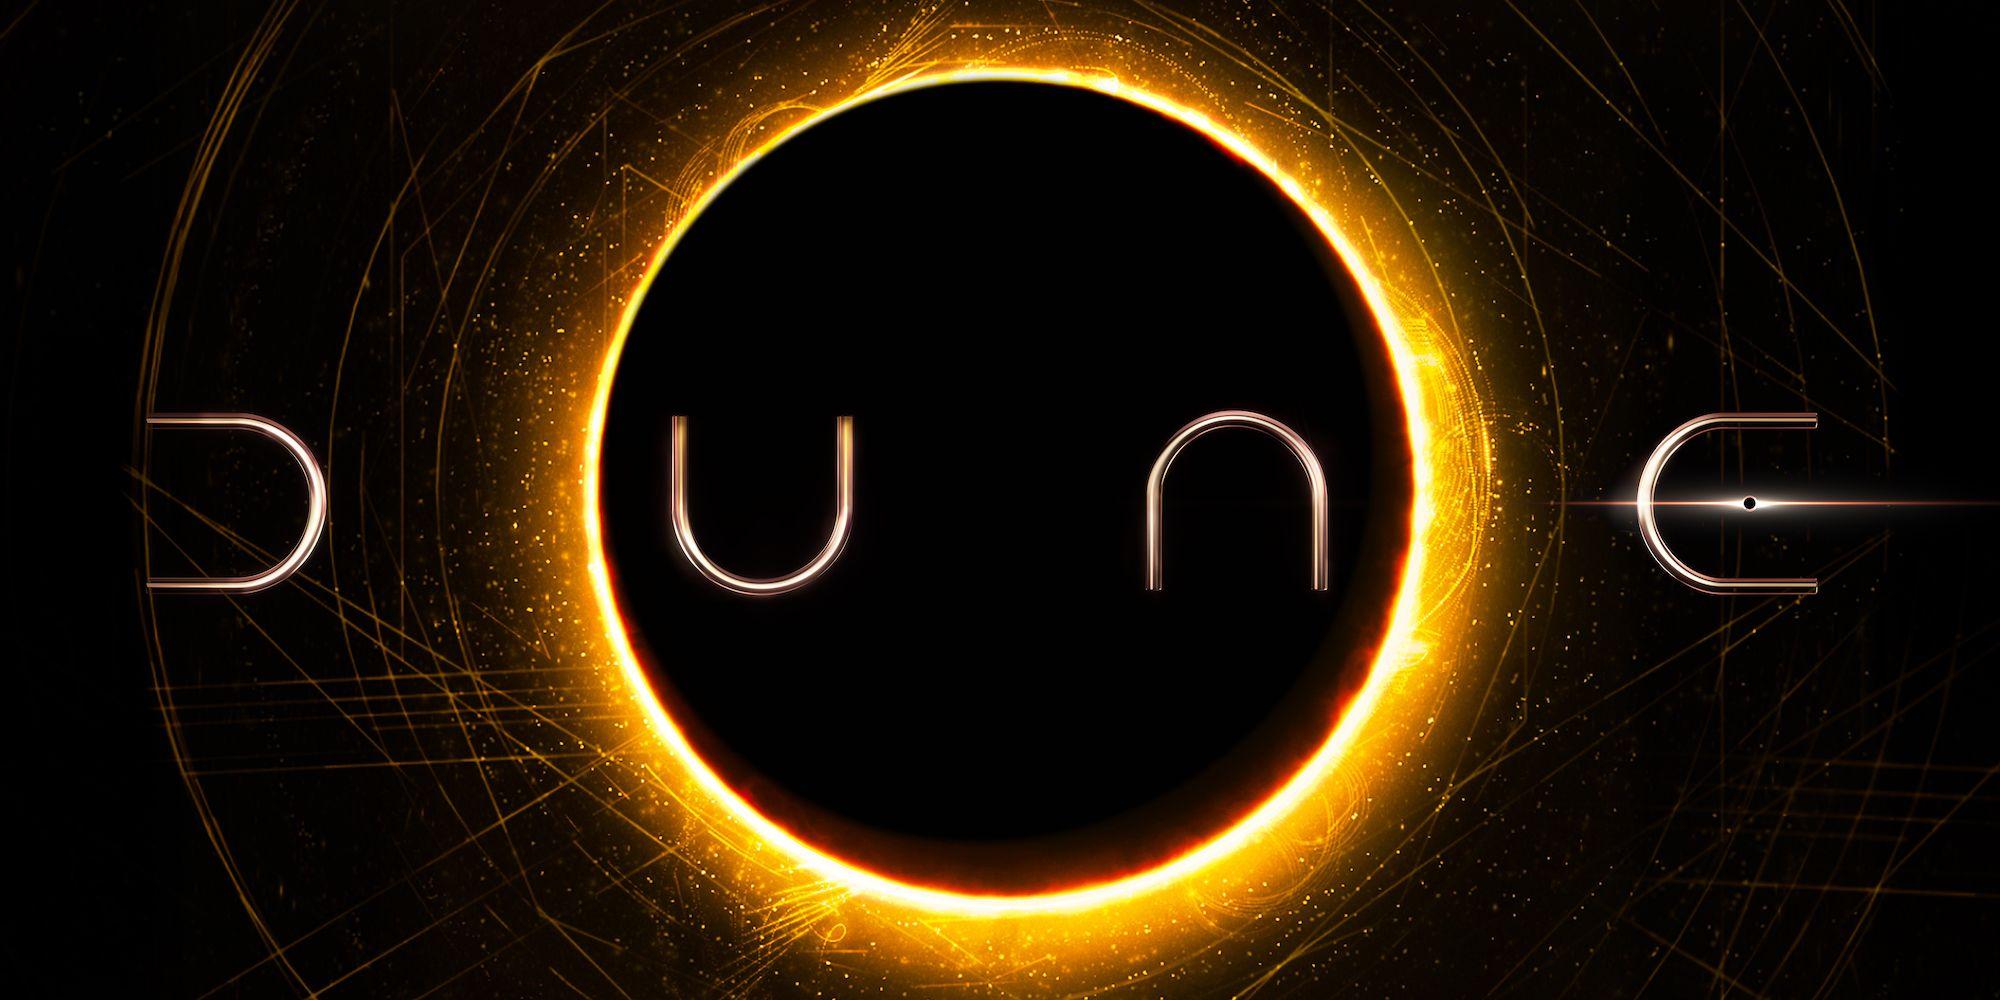 DUNE-logo-image-promo-cropped.jpeg